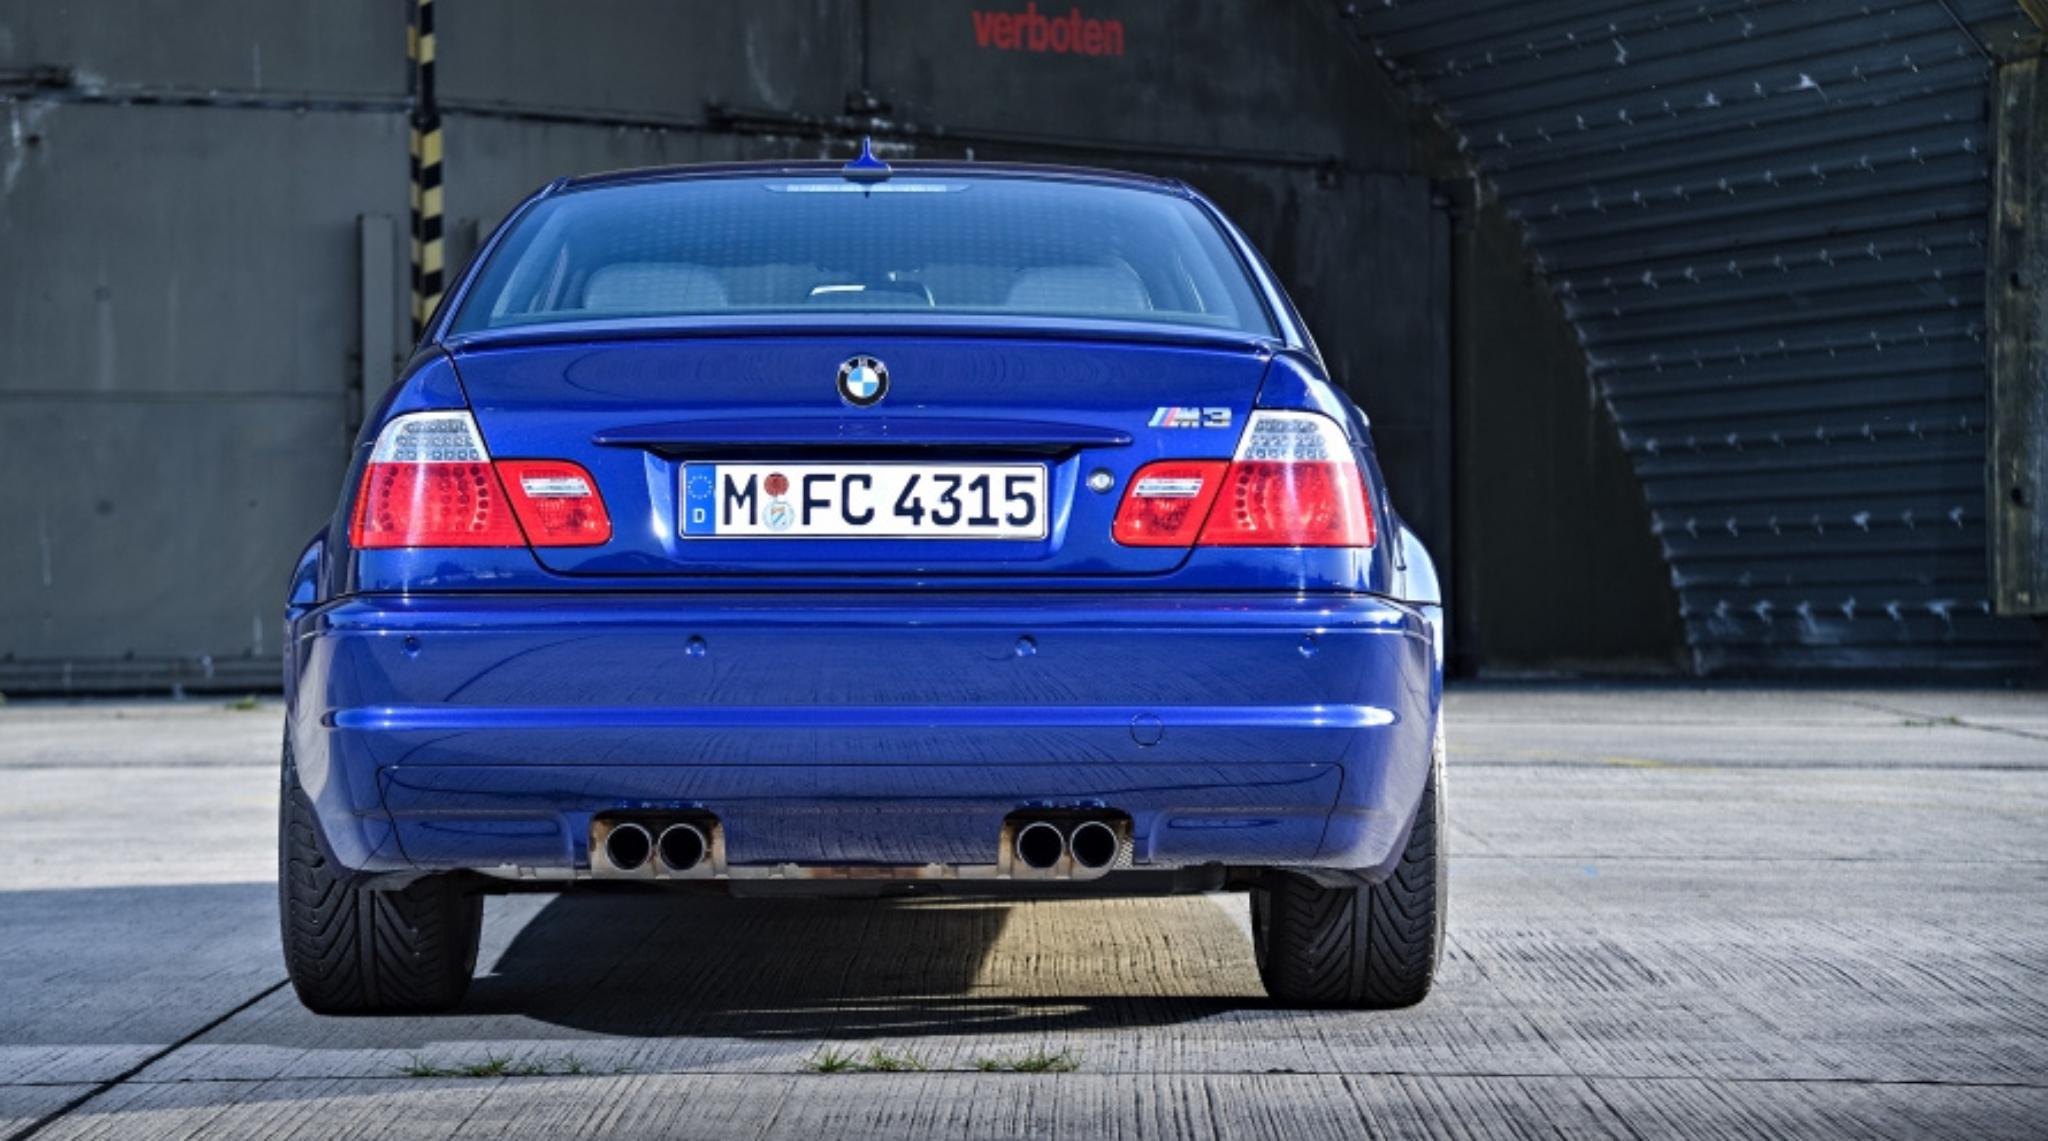 BMW M3 E46 2000 to 2006 Rear